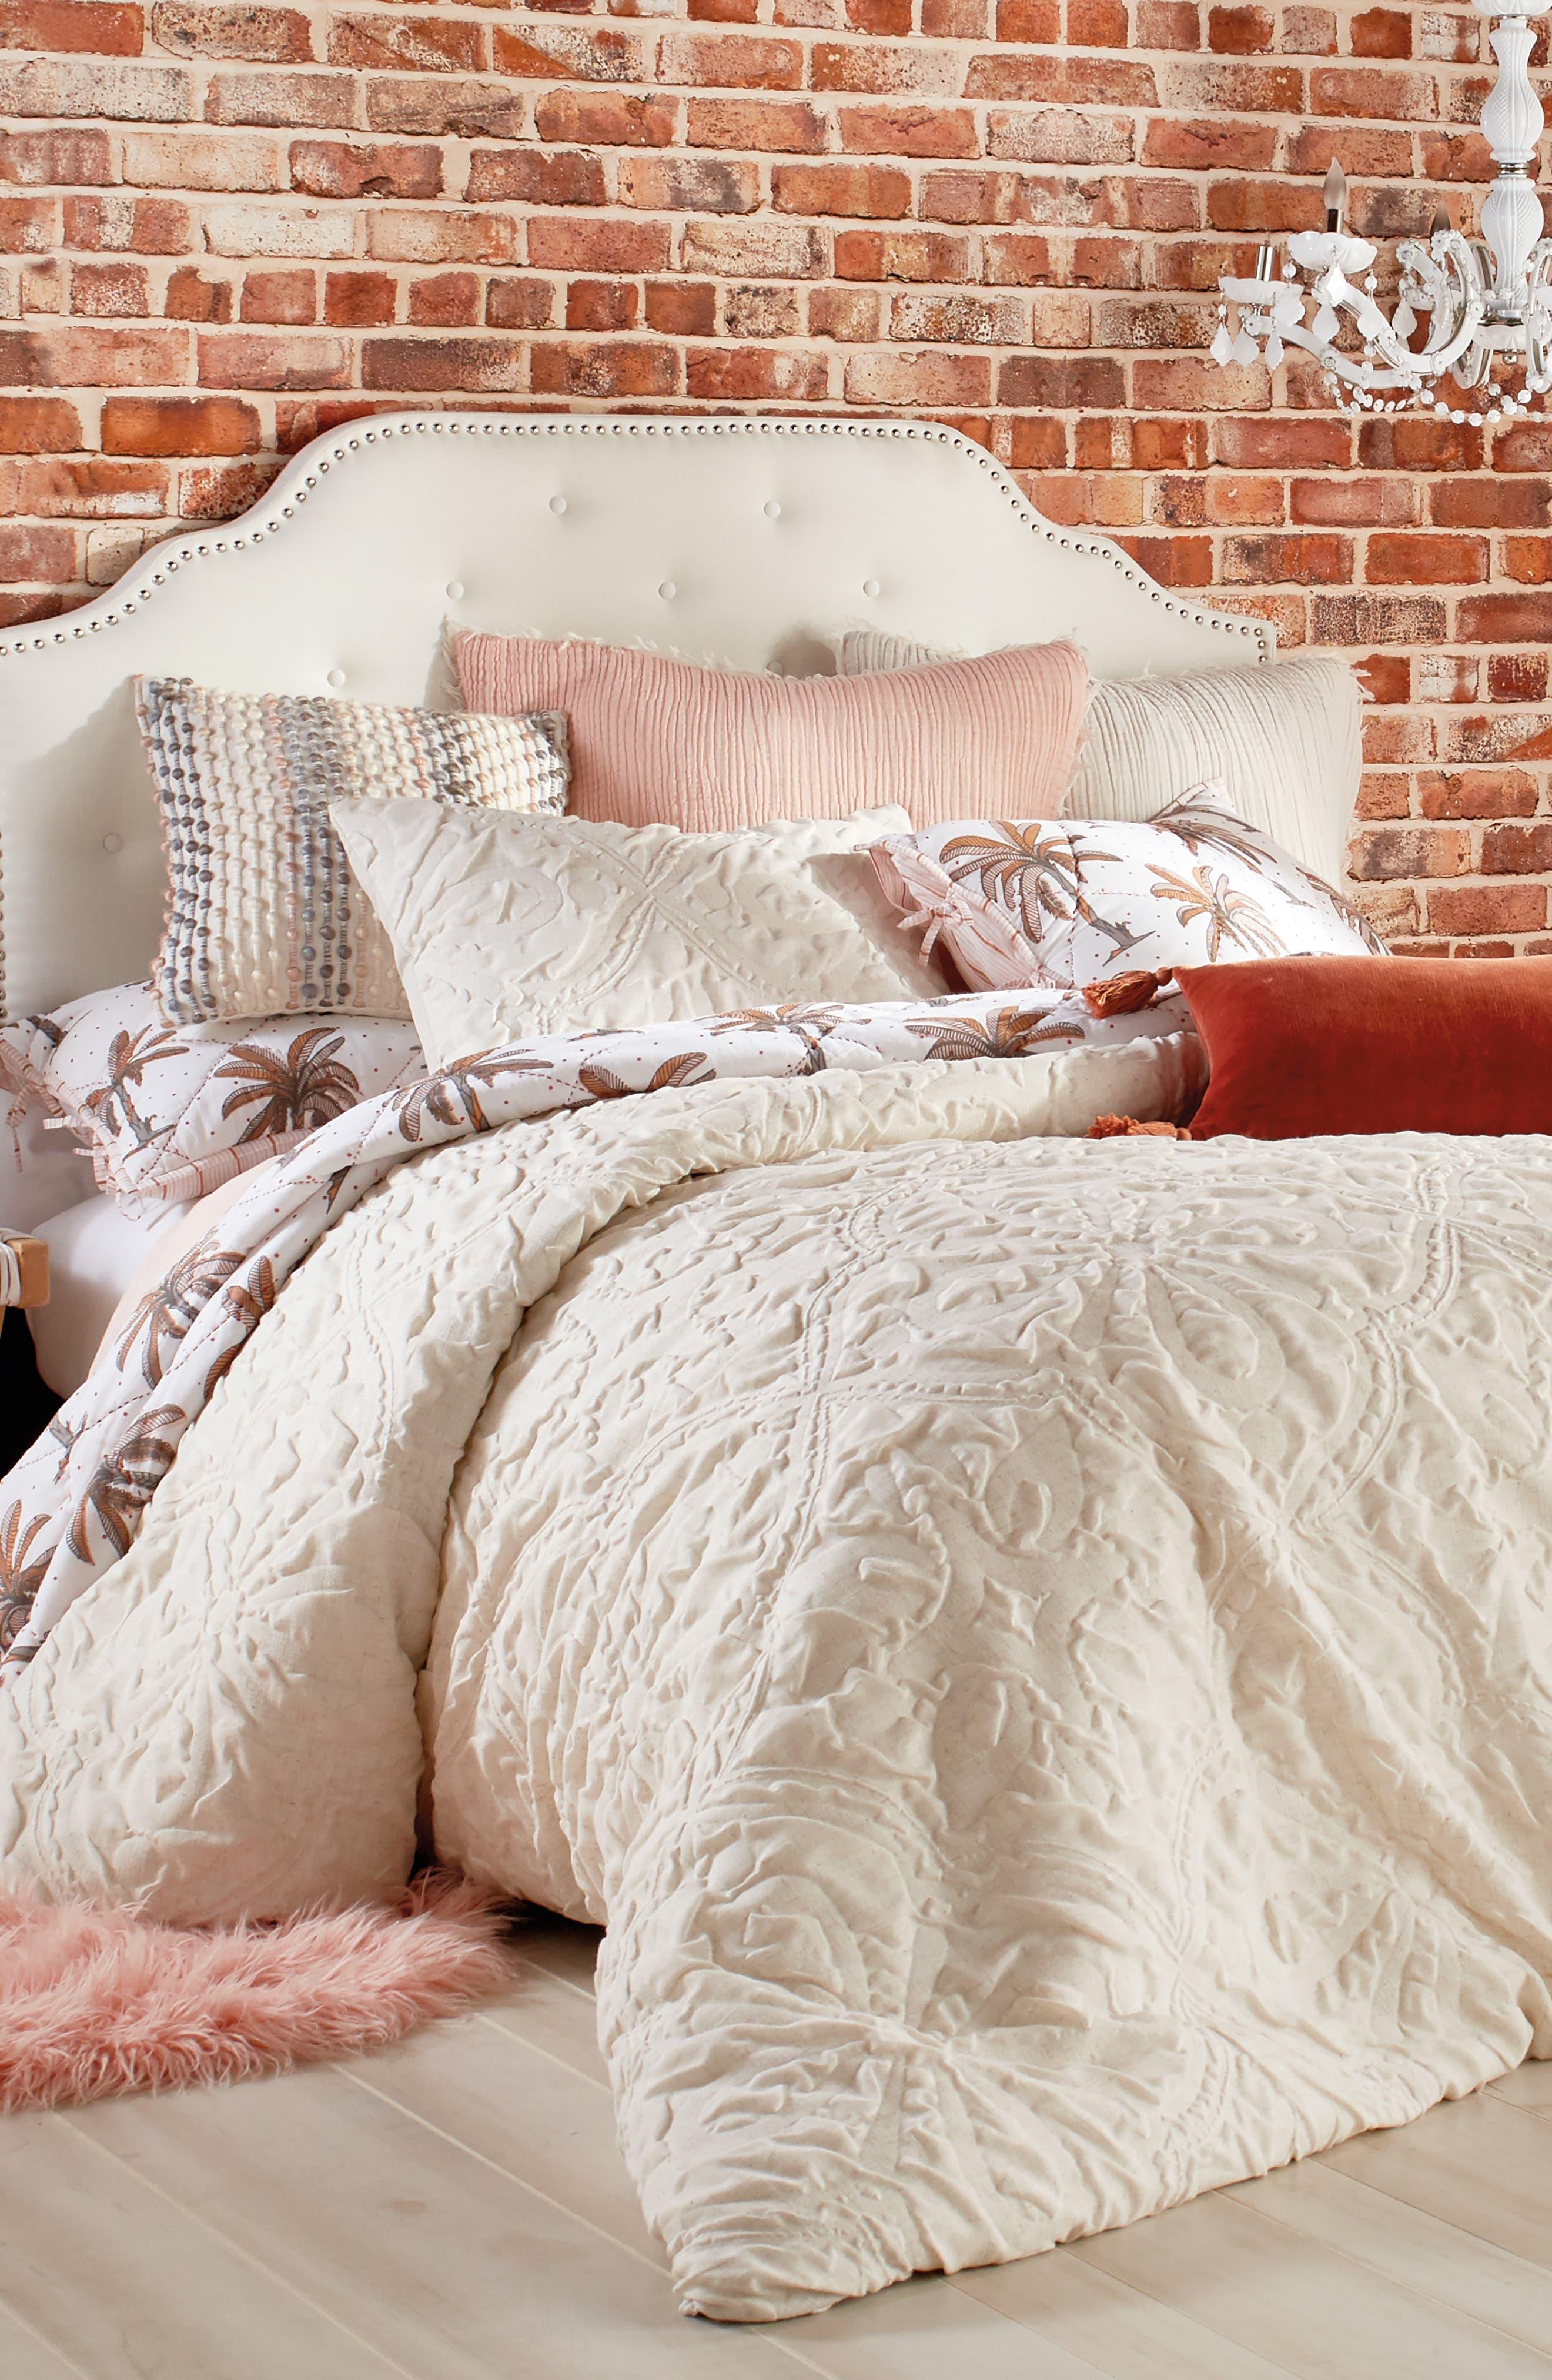 Peri Home Vintage Tile Comforter  Sham Set Size King  Beige